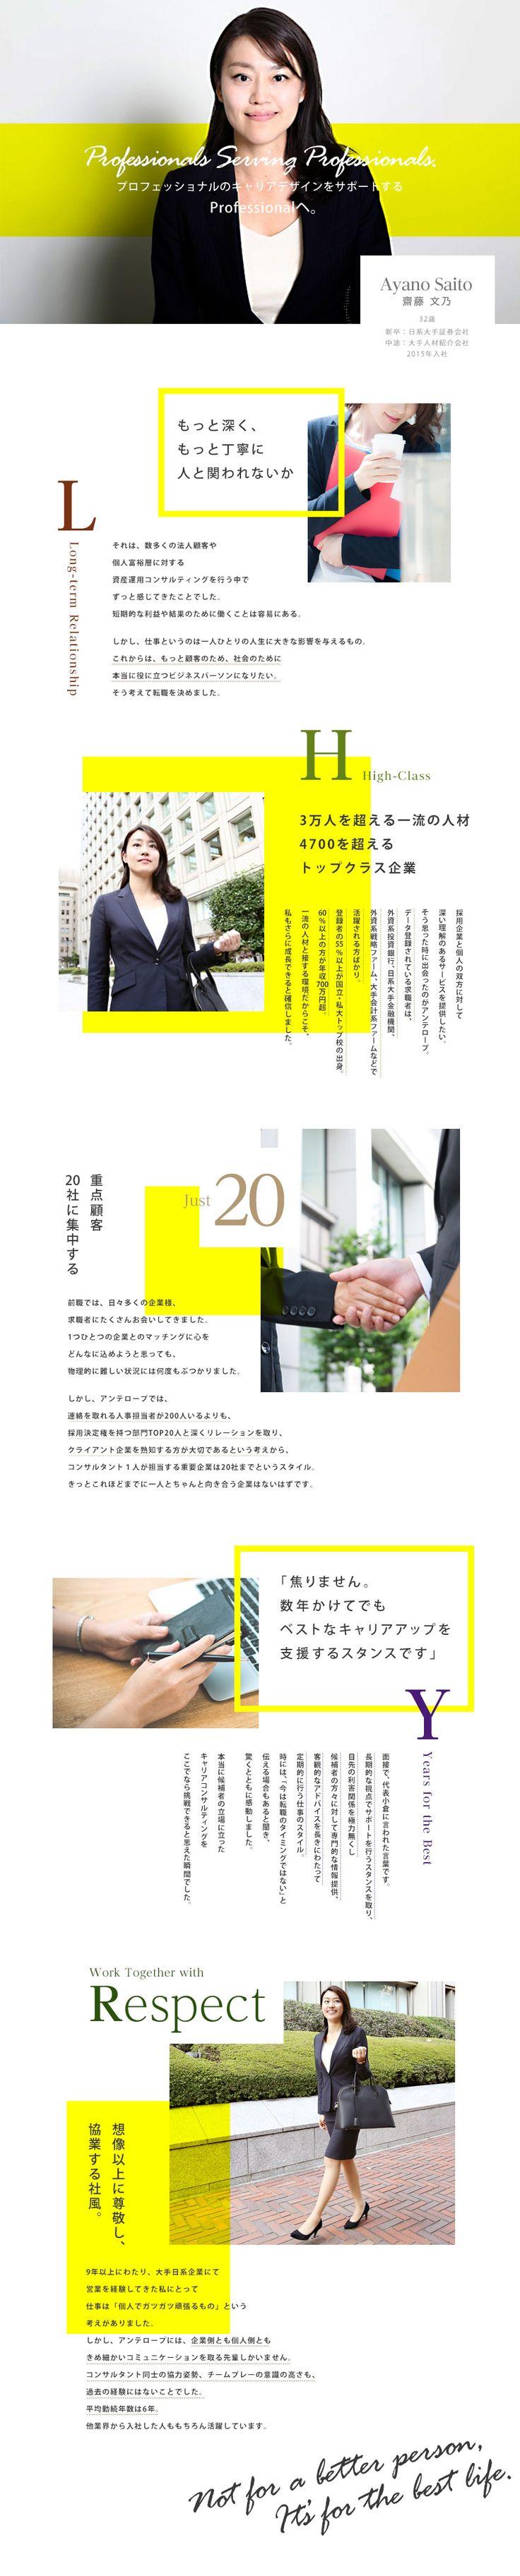 アンテロープキャリアコンサルティング株式会社/キャリアコンサルタント / 重点顧客は1人20社まで / 平均勤続年数6年 / 年間休日125日の求人PR - 転職ならDODA(デューダ)